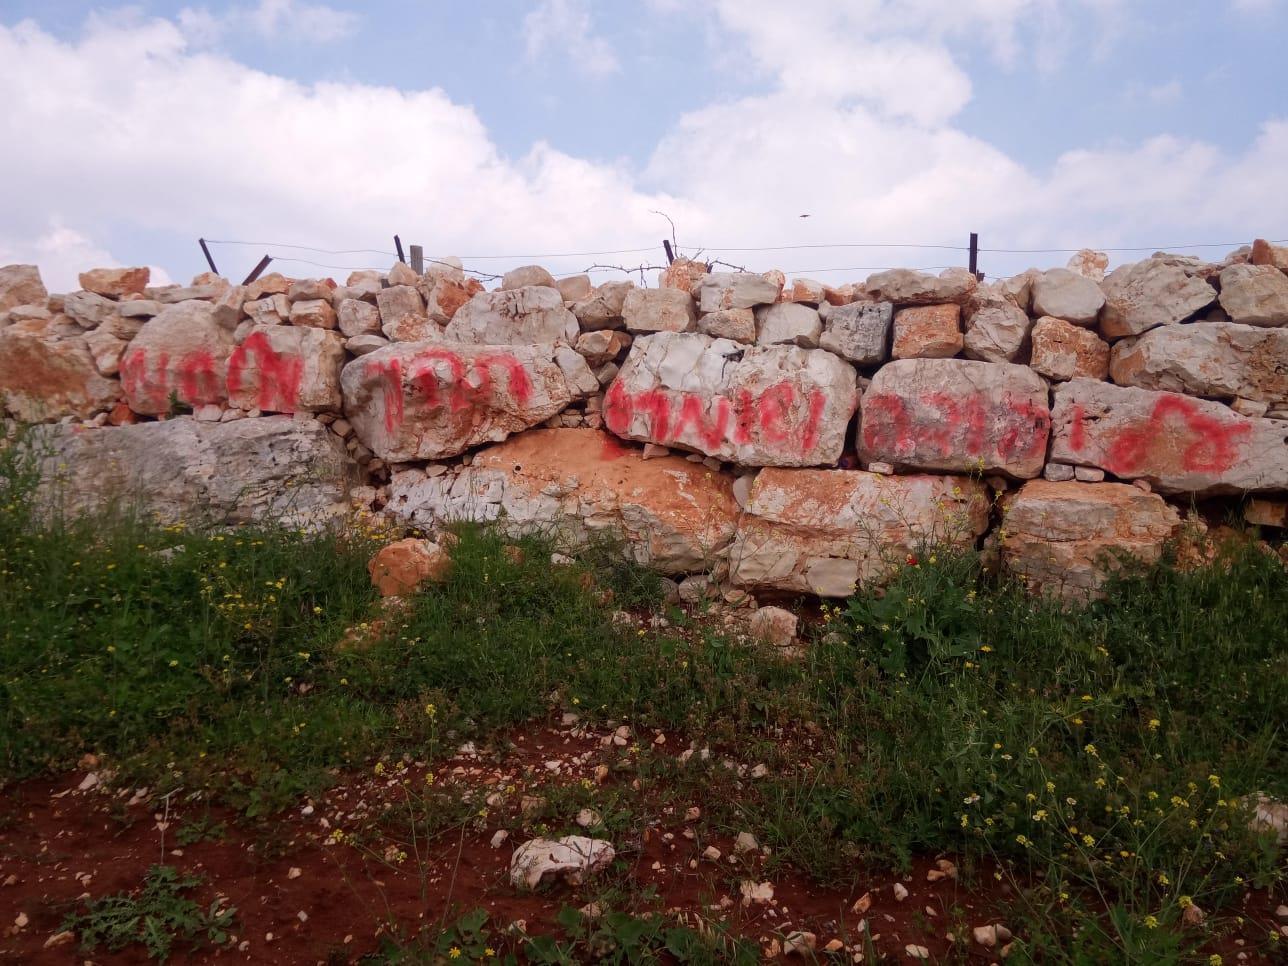 כתובת שרוססה במקום (משטרת ישראל)